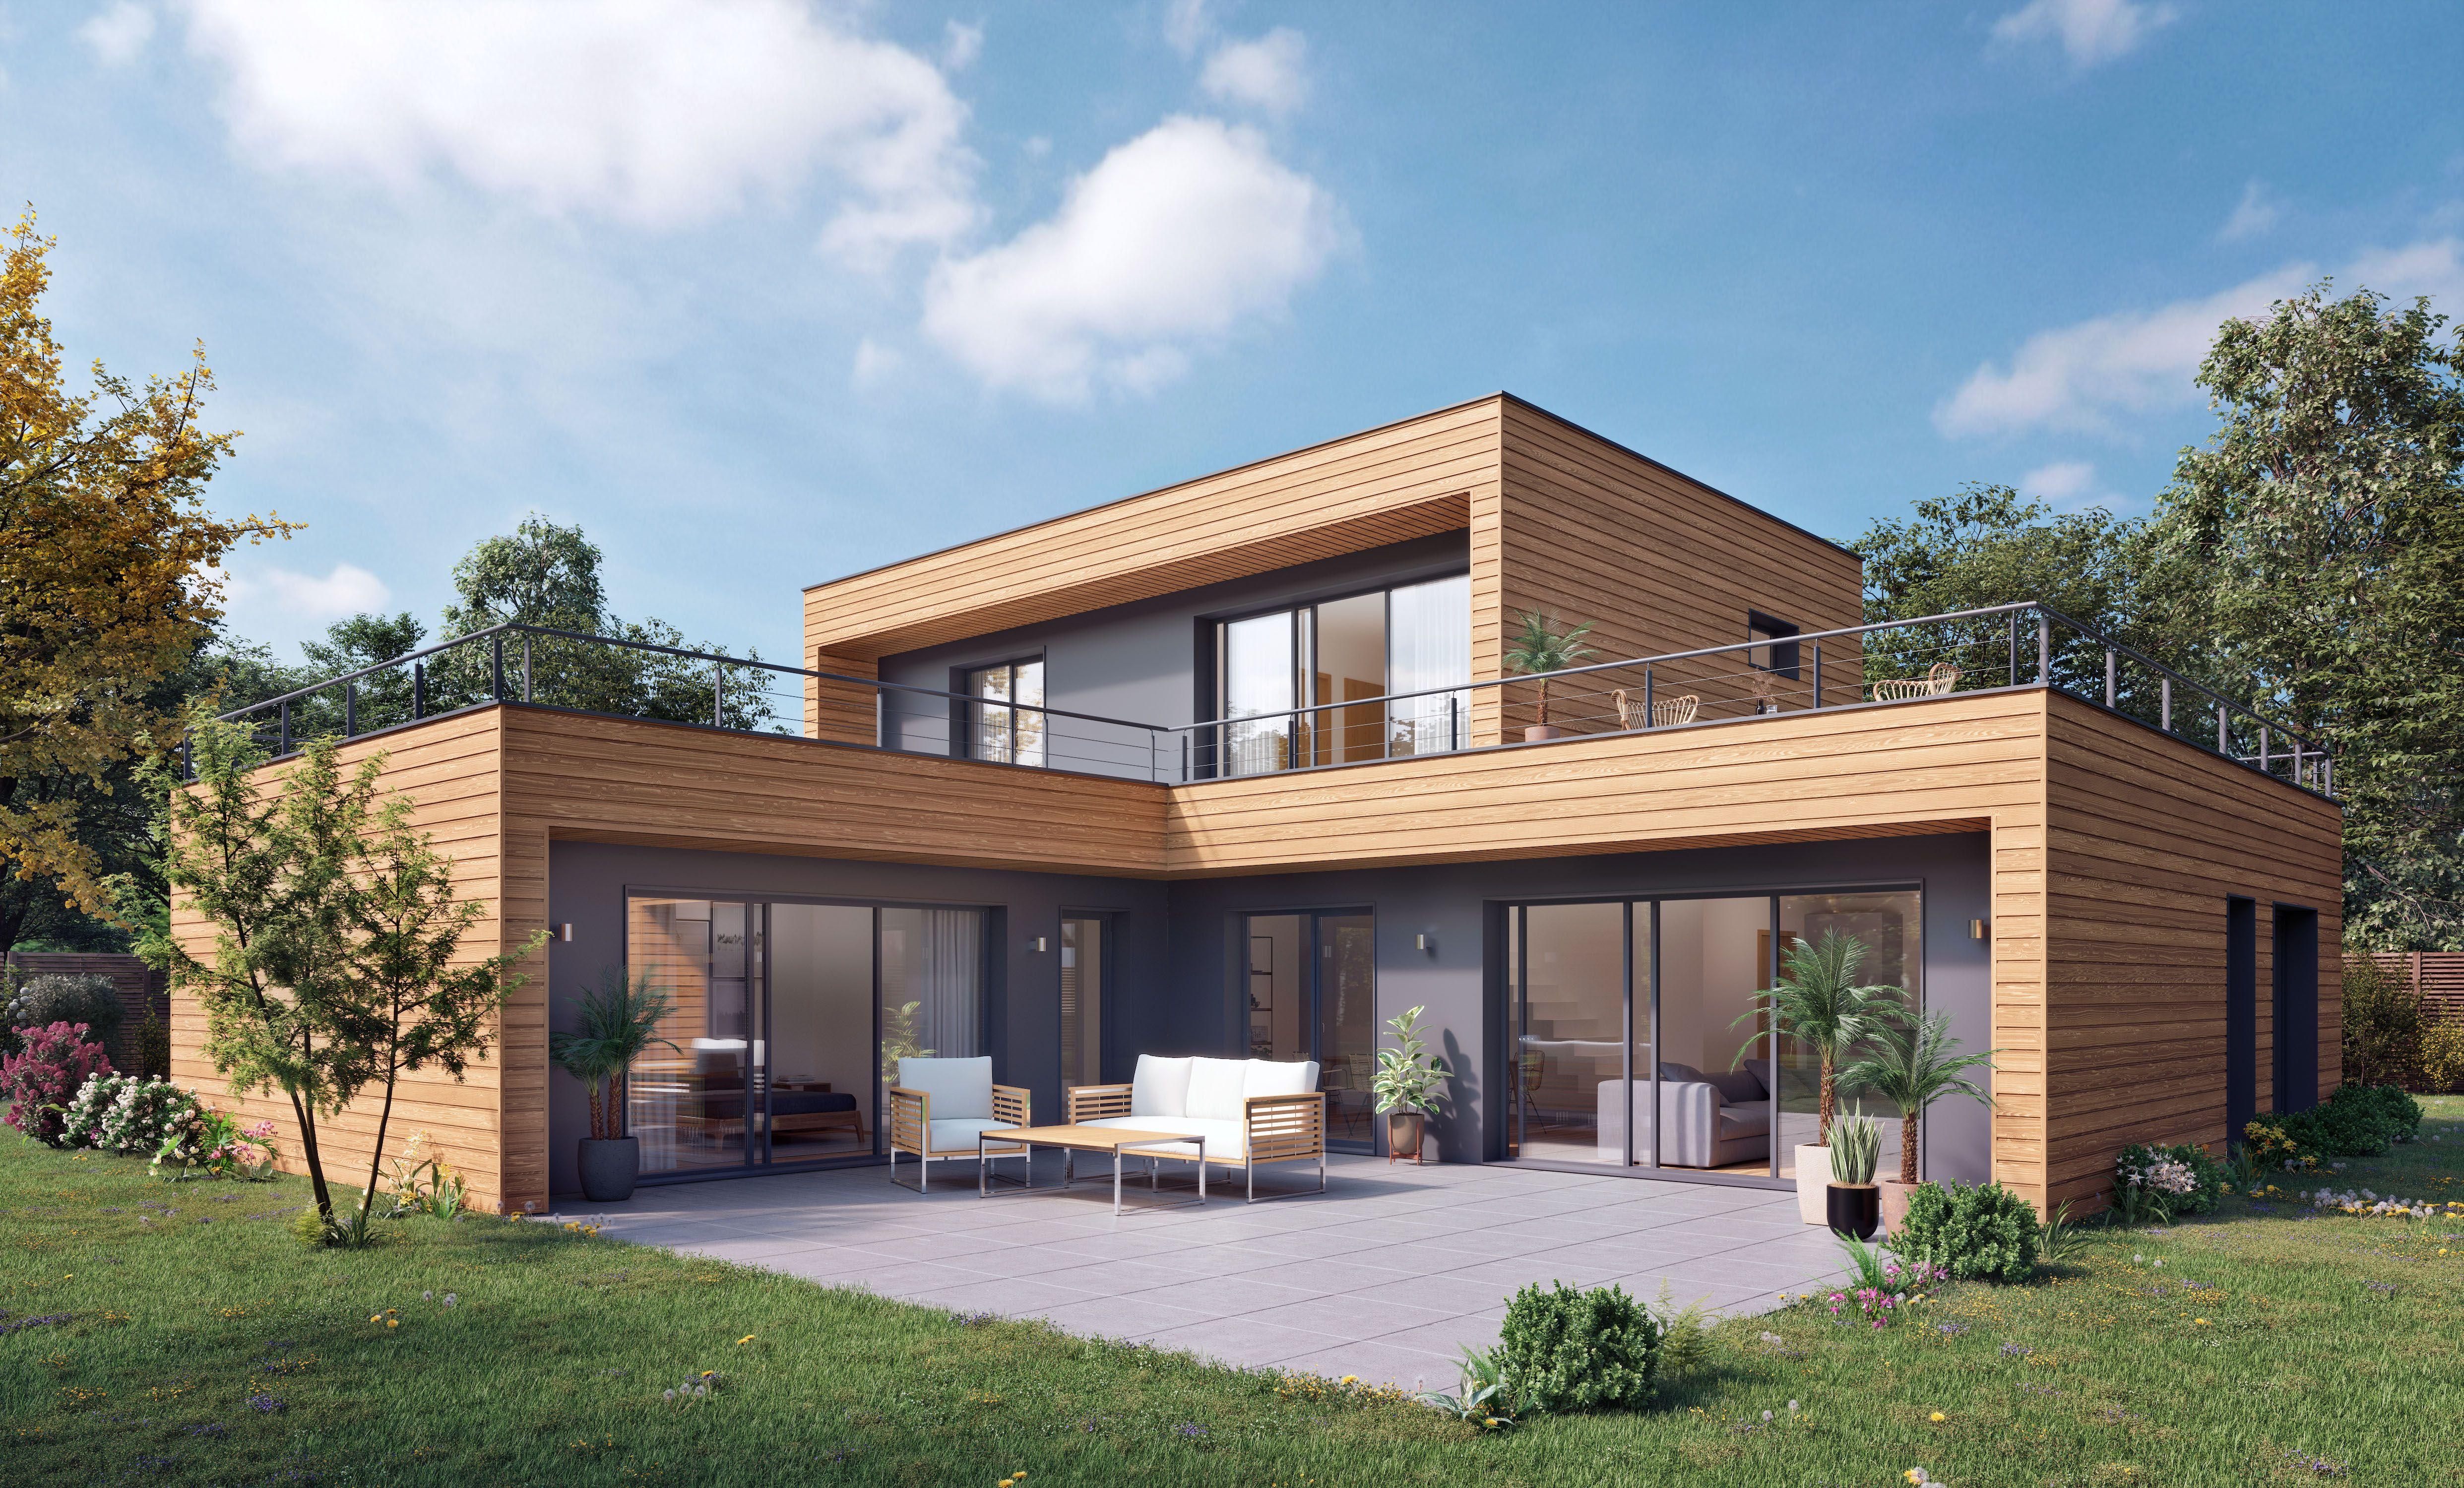 Maison moderne à ossature bois & bardage bois   Maison ossature ...